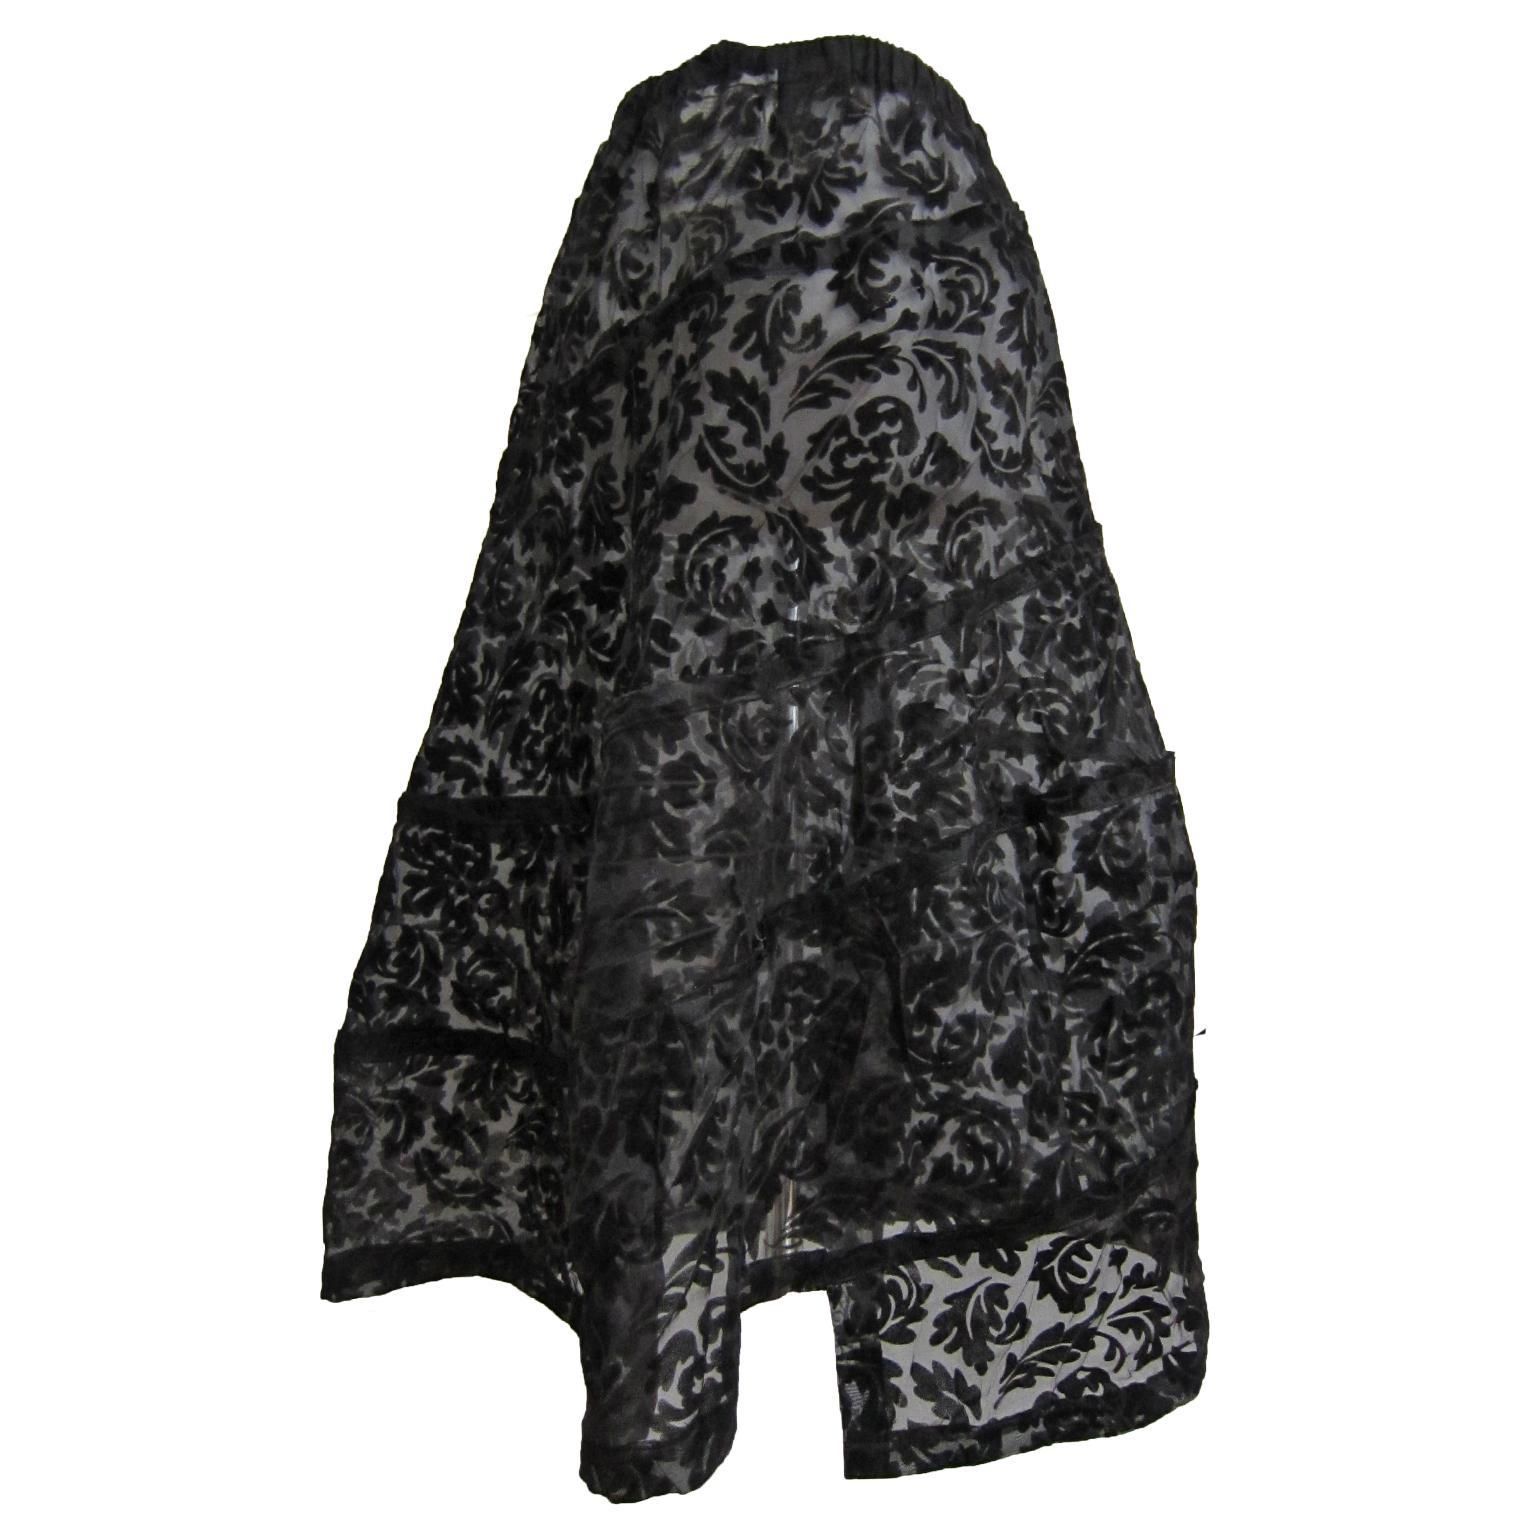 Comme des Garcons Spiral Black Floral Flare Skirt AD 2003